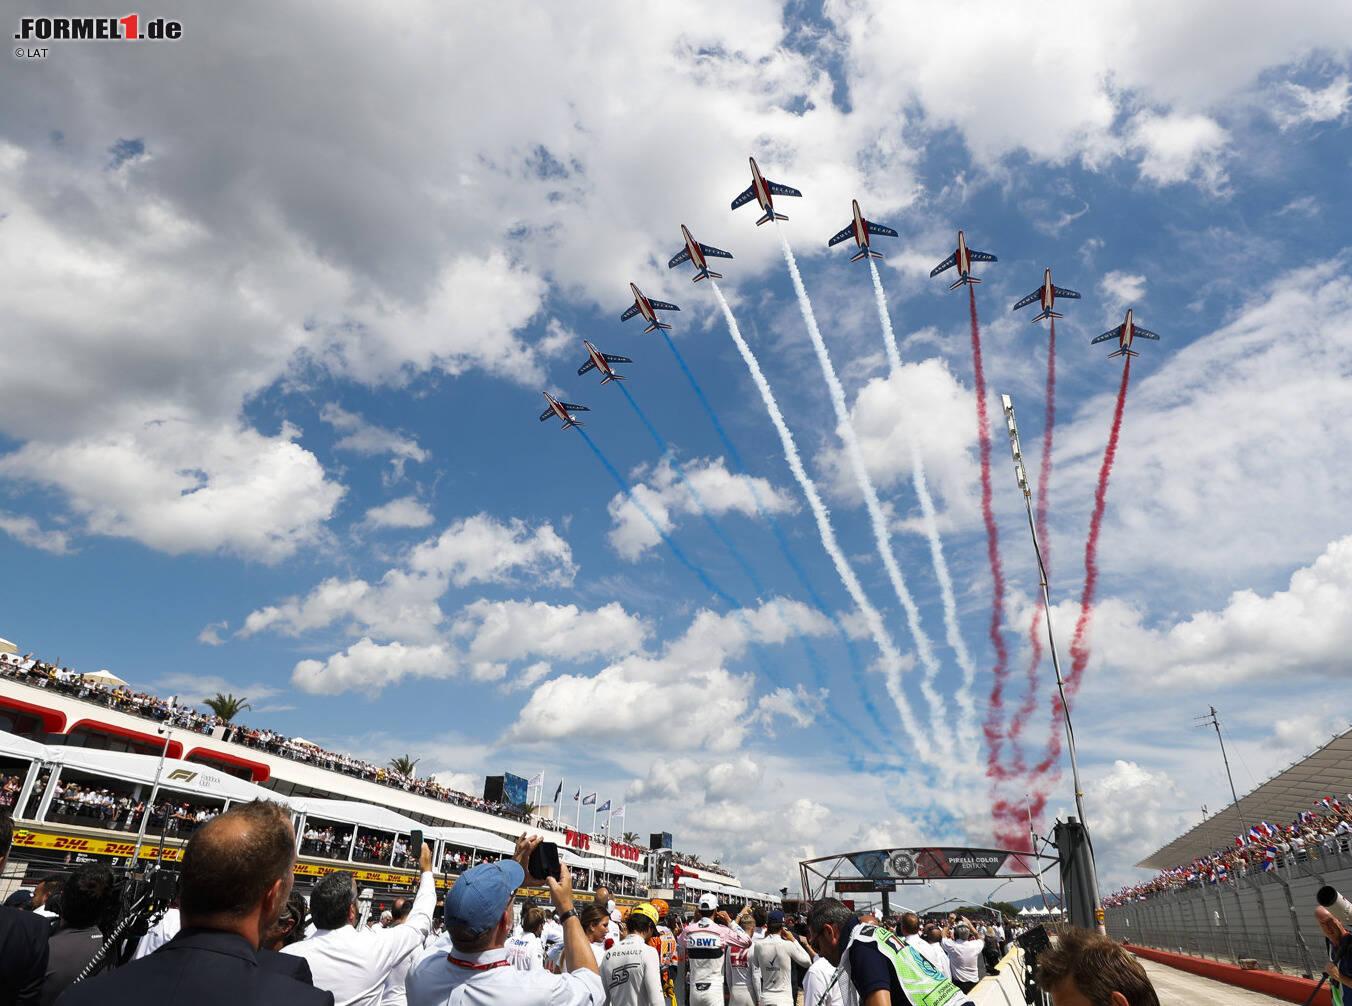 Formel 1 übertragung 2019 rtl